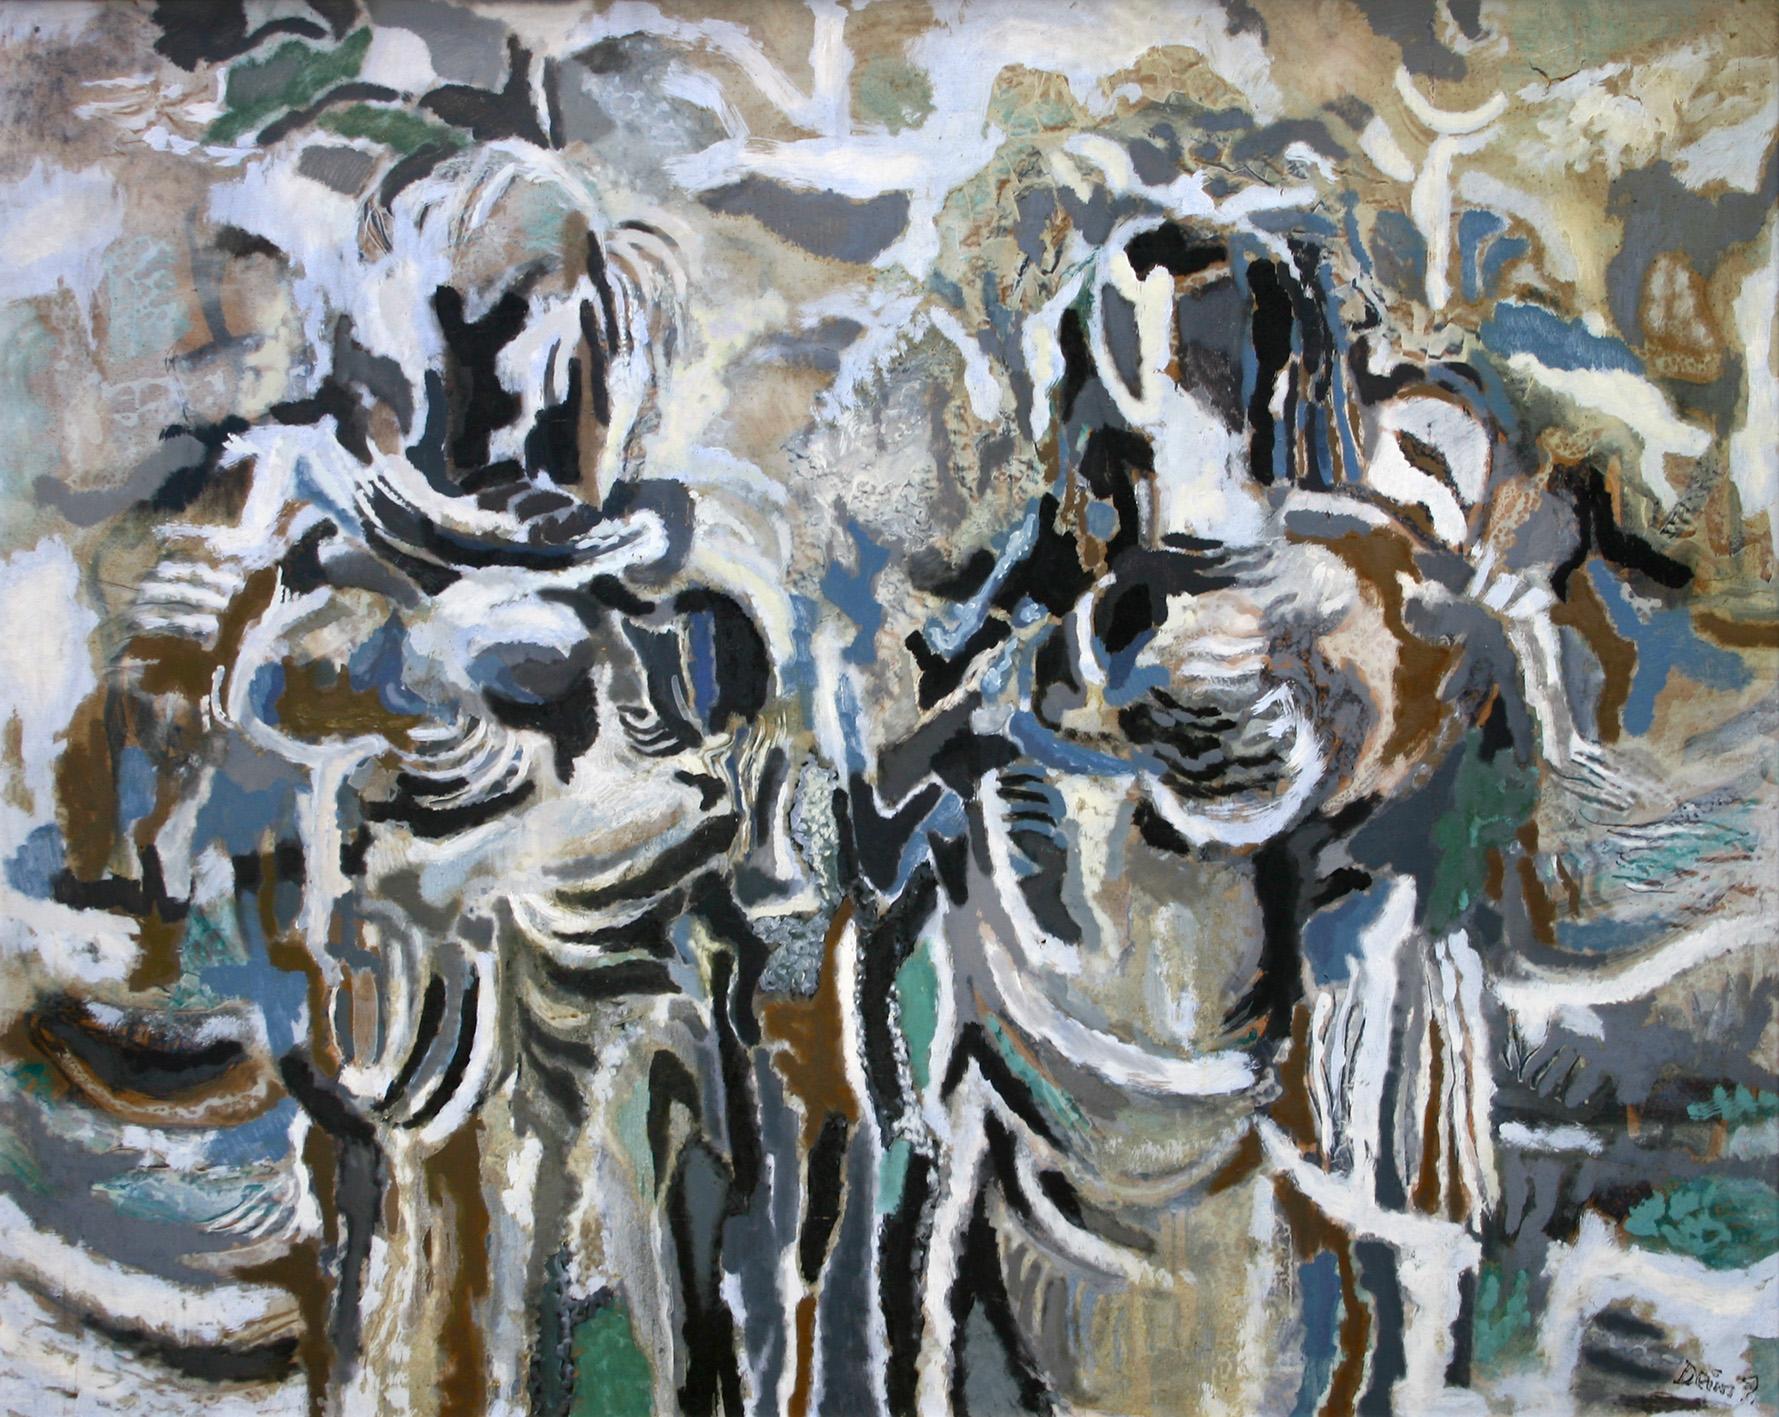 Pál Deim: Two Women, 1965, oil, fiberboard